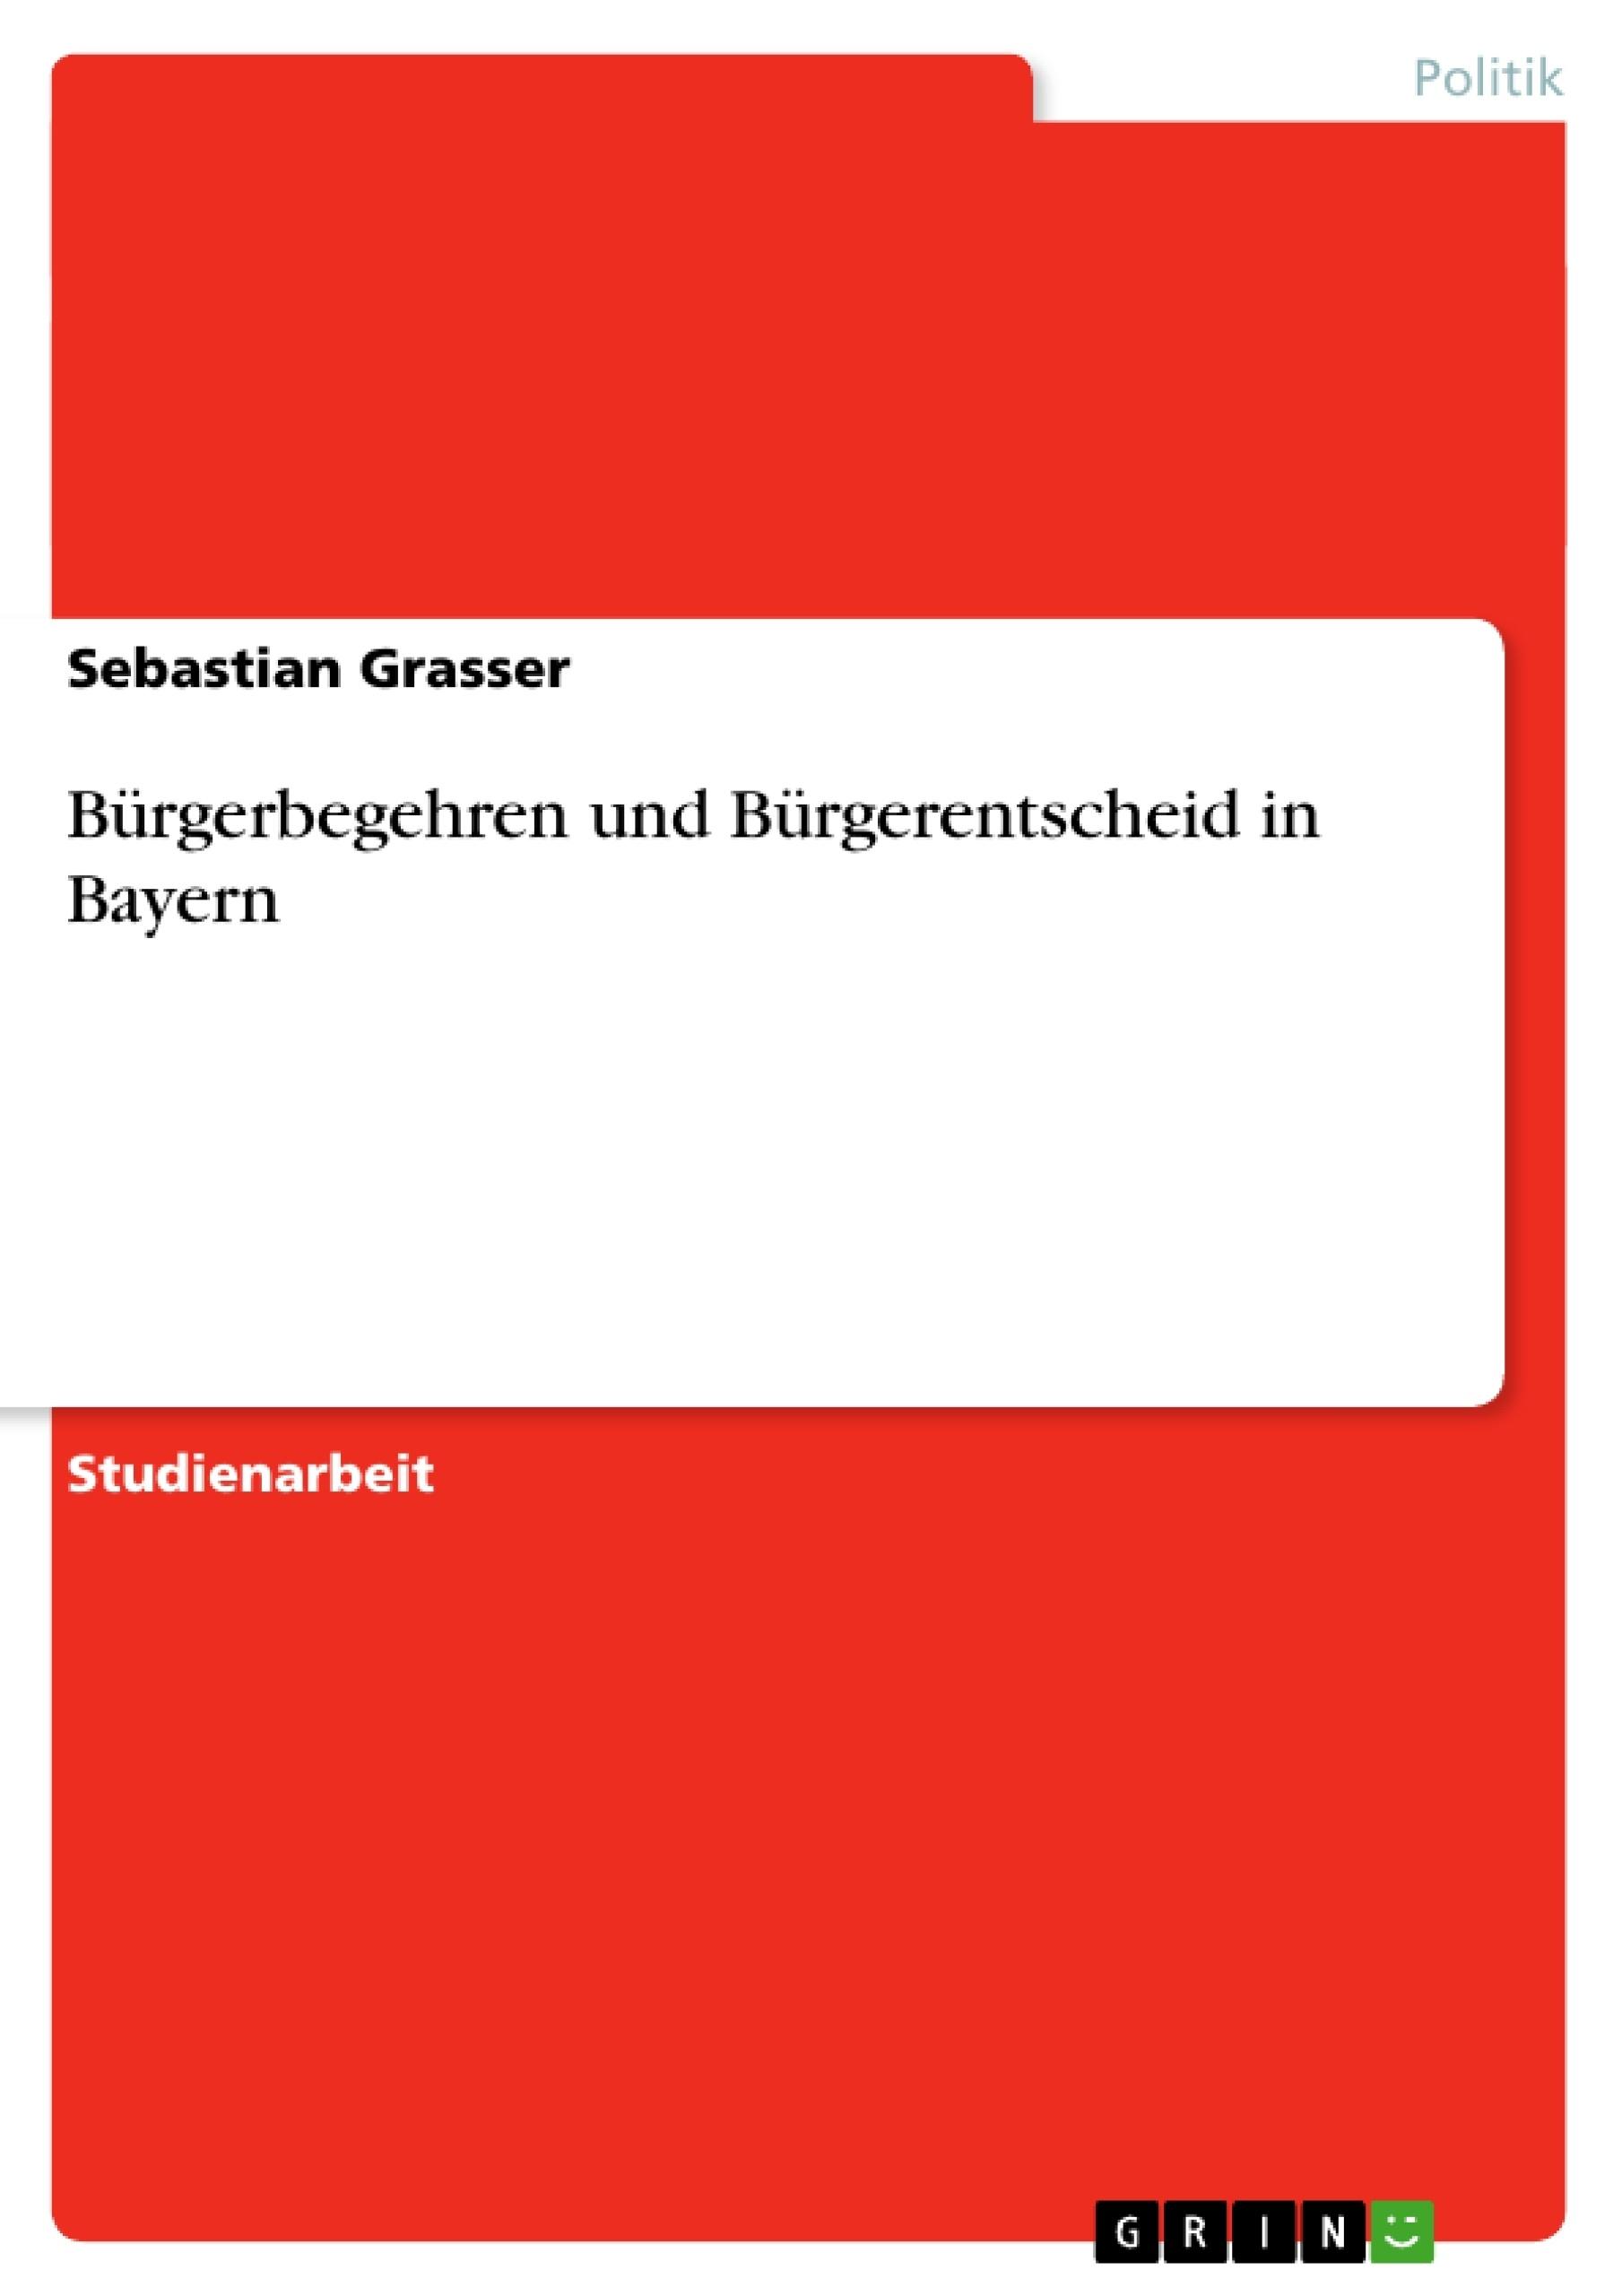 Titel: Bürgerbegehren und Bürgerentscheid in Bayern